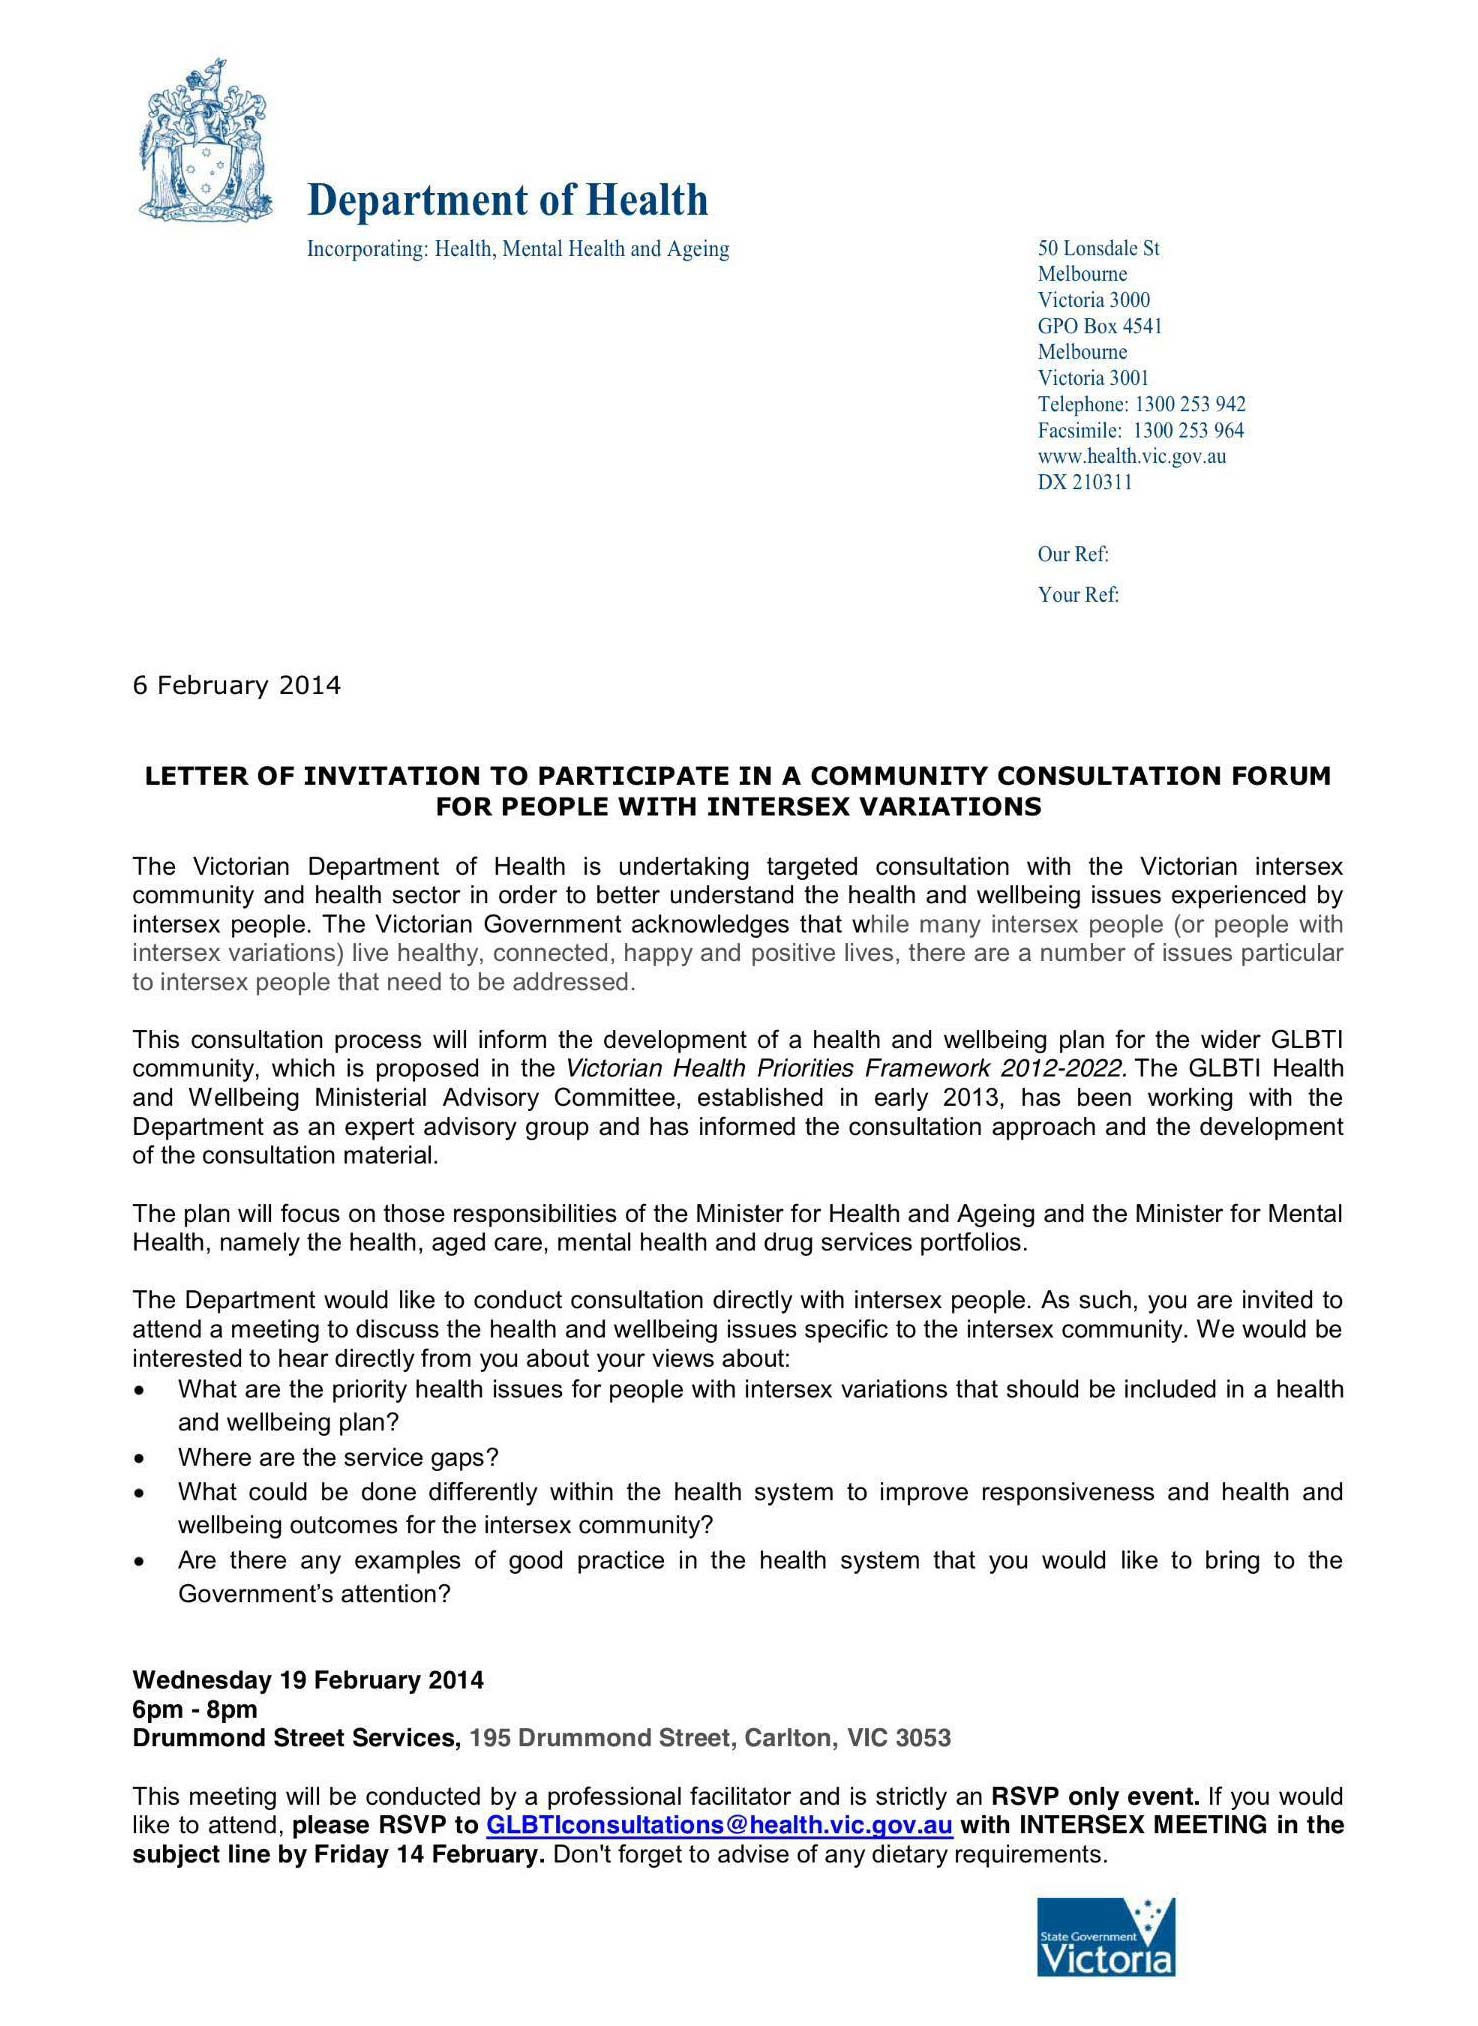 Sample cover letter tourist visa australia invitation letter for sample invitation stopboris Gallery